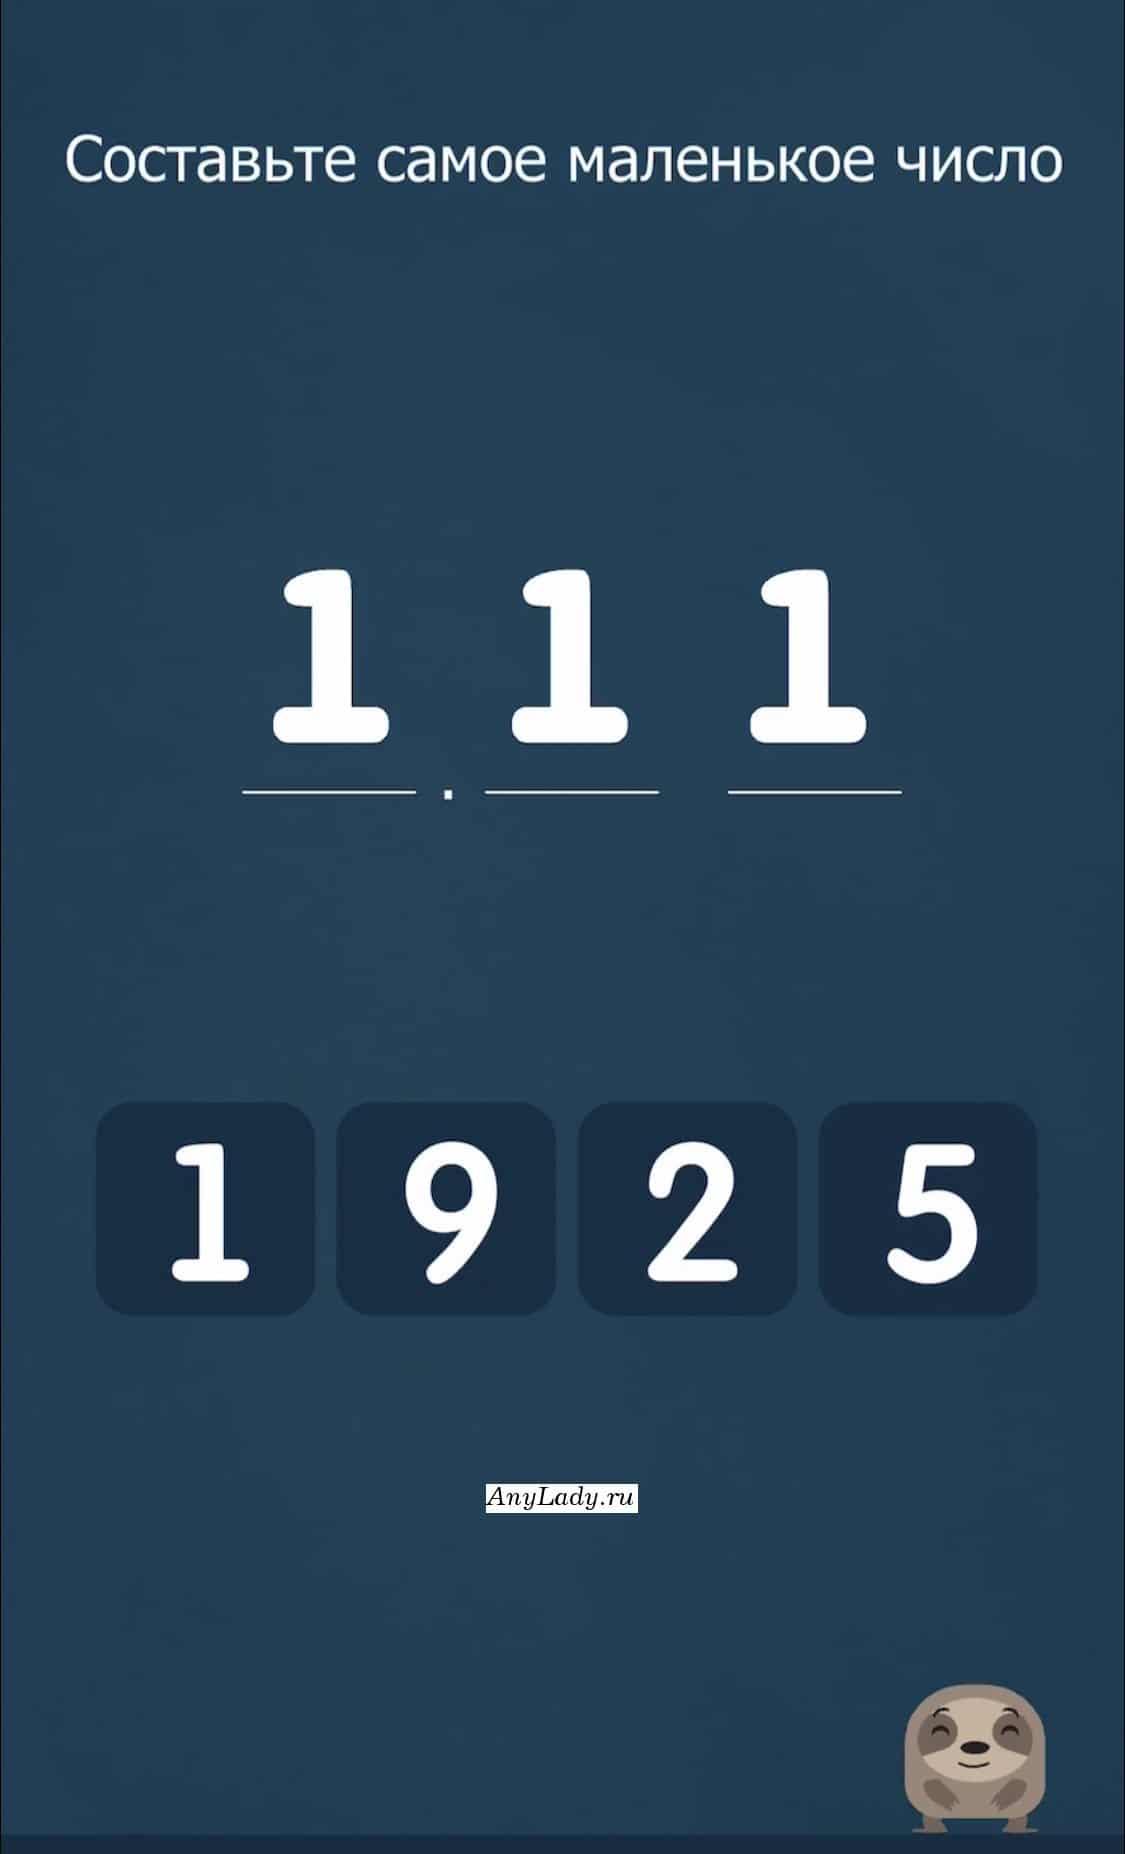 Возьмите точку из текста, и поставьте ее после первой левой черточки - внизу. Теперь, нажмите три раза на единицу, должно получится 1.11